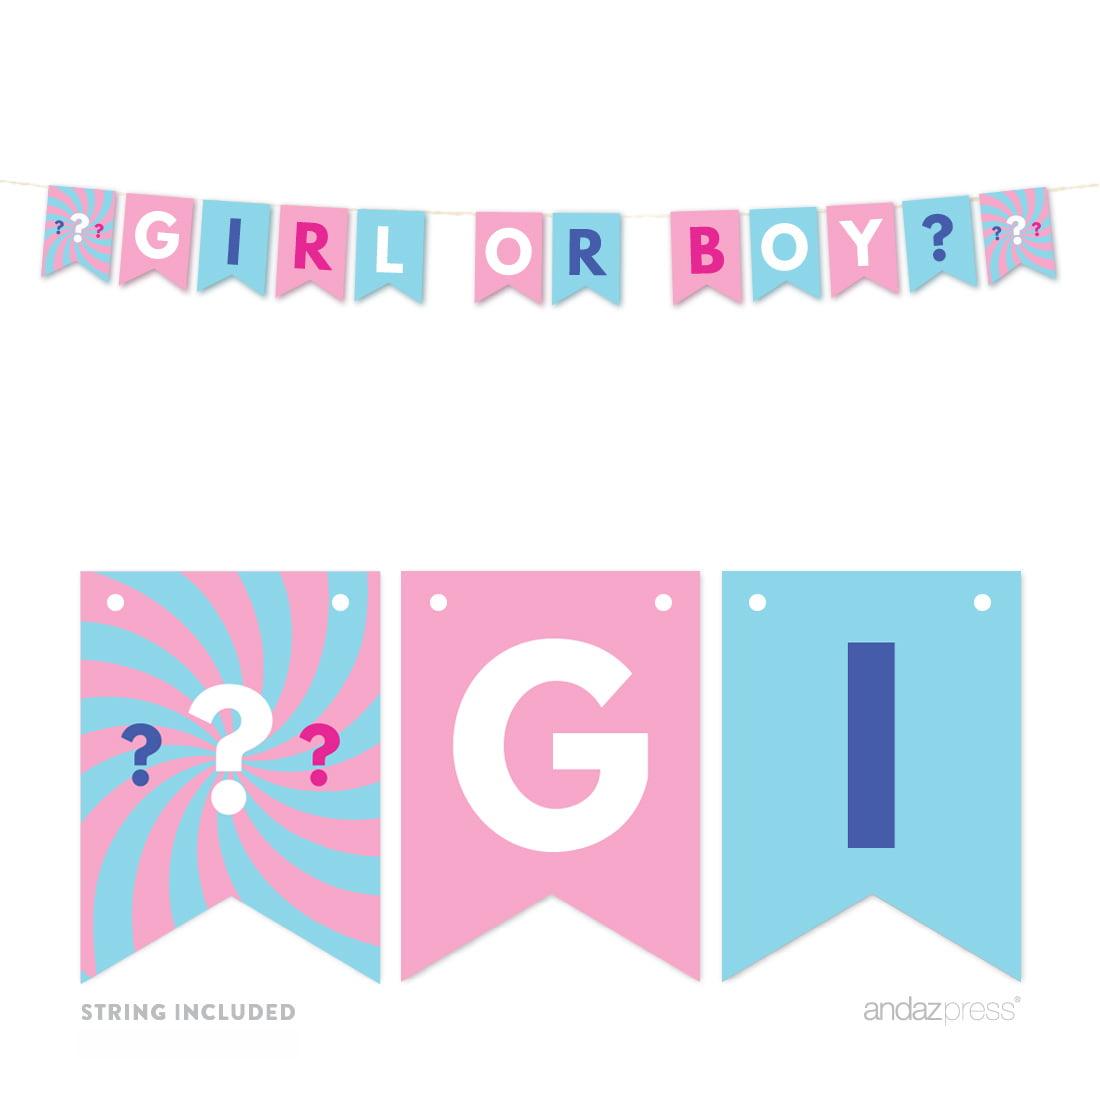 Gender Reveal Baby Shower Pink or Blue, Thank You! 24-Pack Favor Bag DIY Party Kit